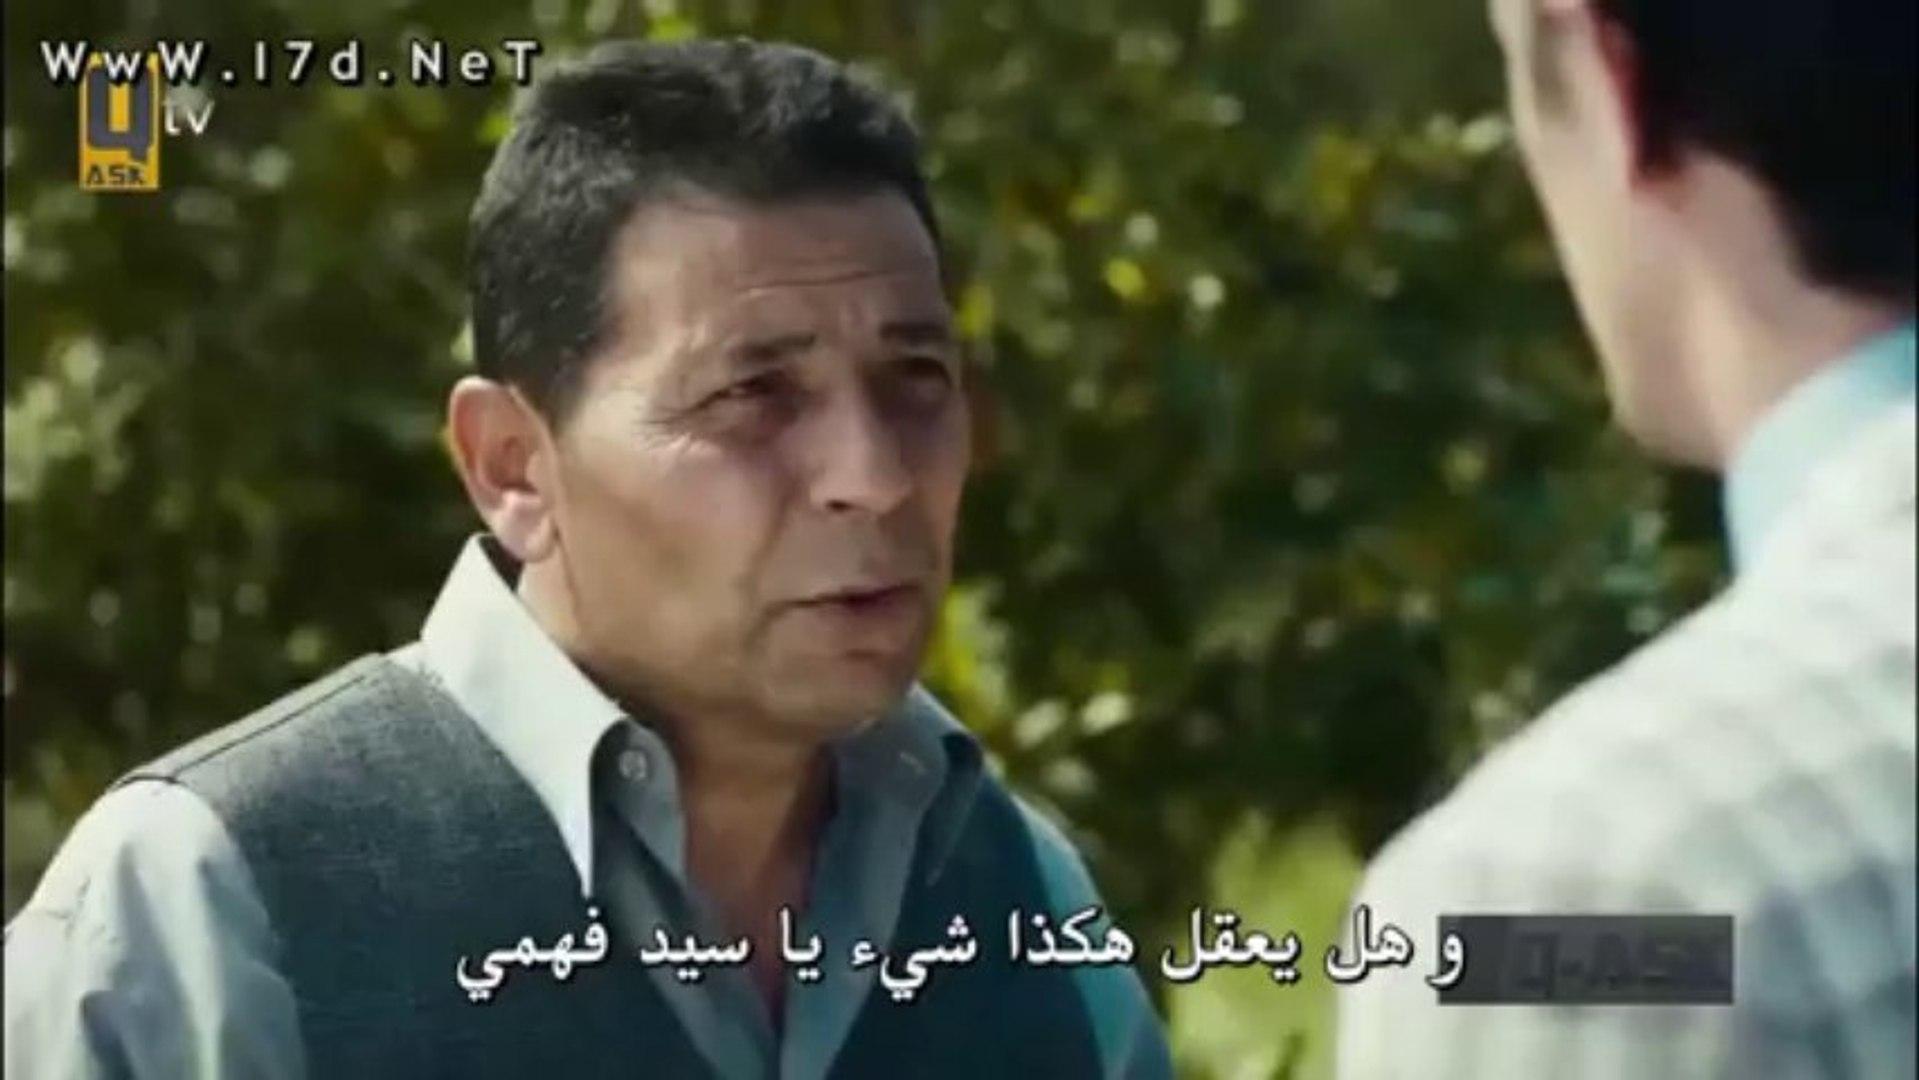 مسلسل تتار رمضان الحلقة 10 مترجمة القسم الاول شاهد دراما Video Dailymotion